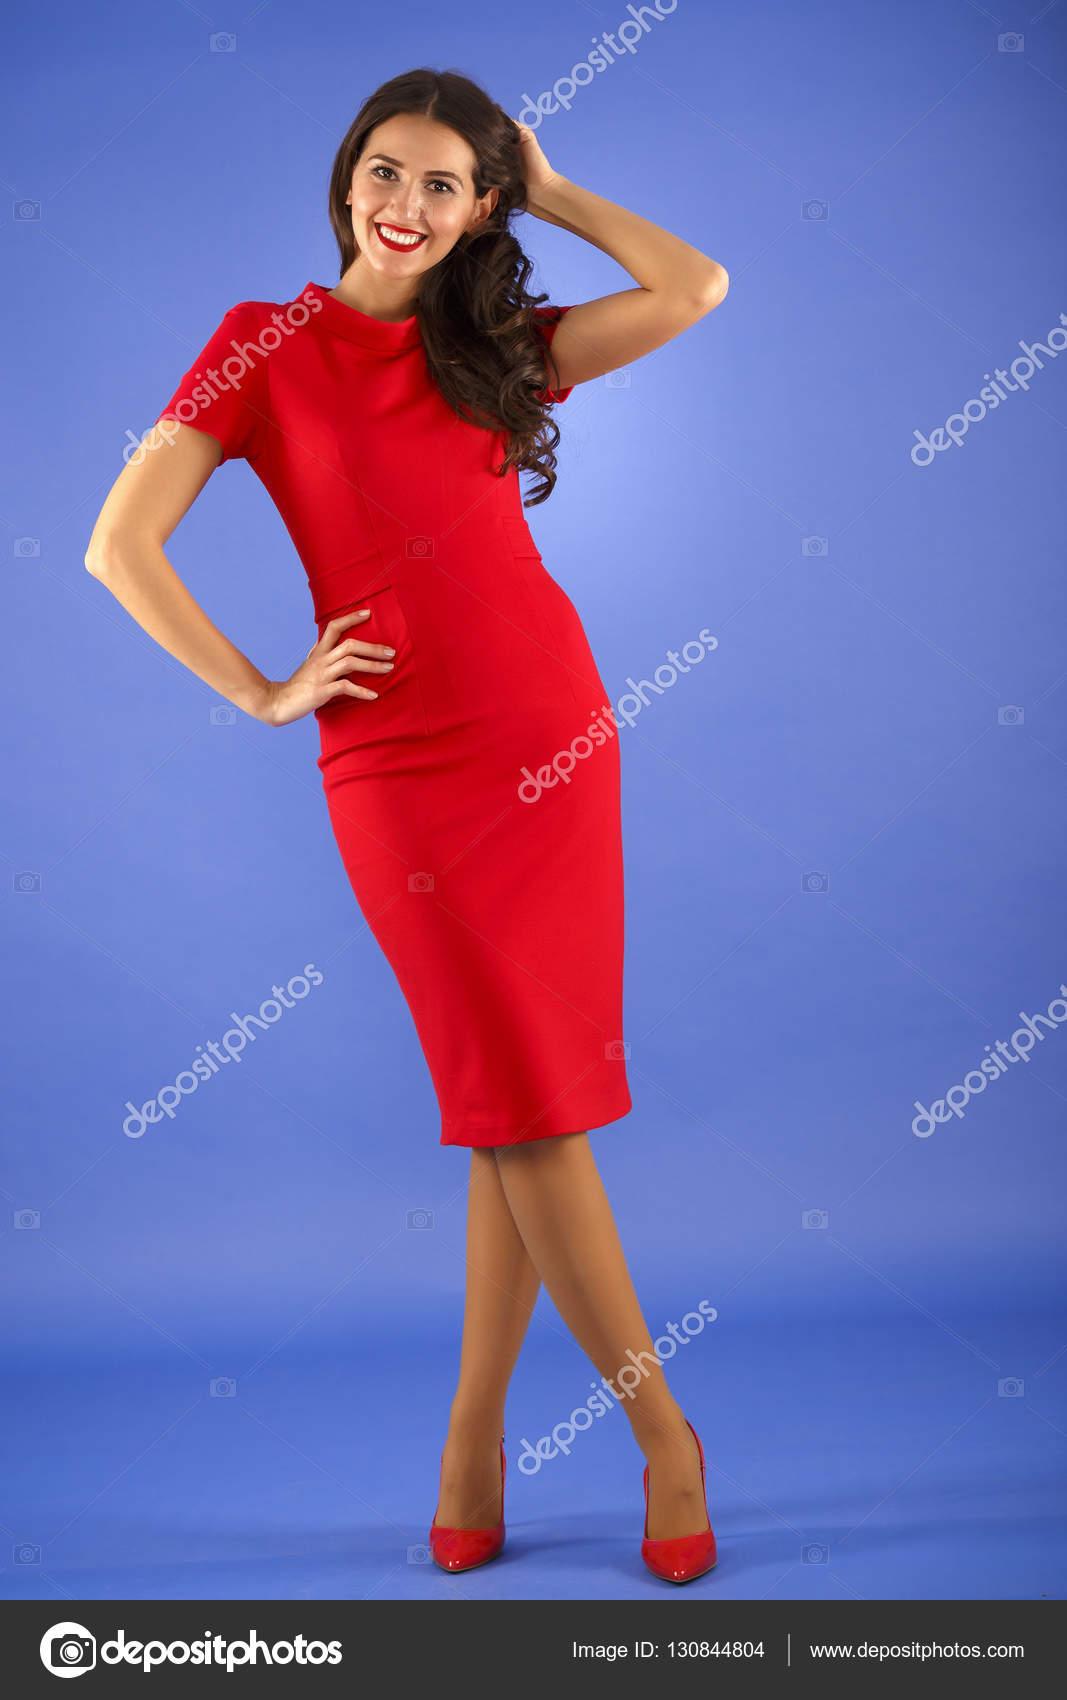 schöne Frau mit eleganten roten Kleid — Stockfoto © czamfir #130844804